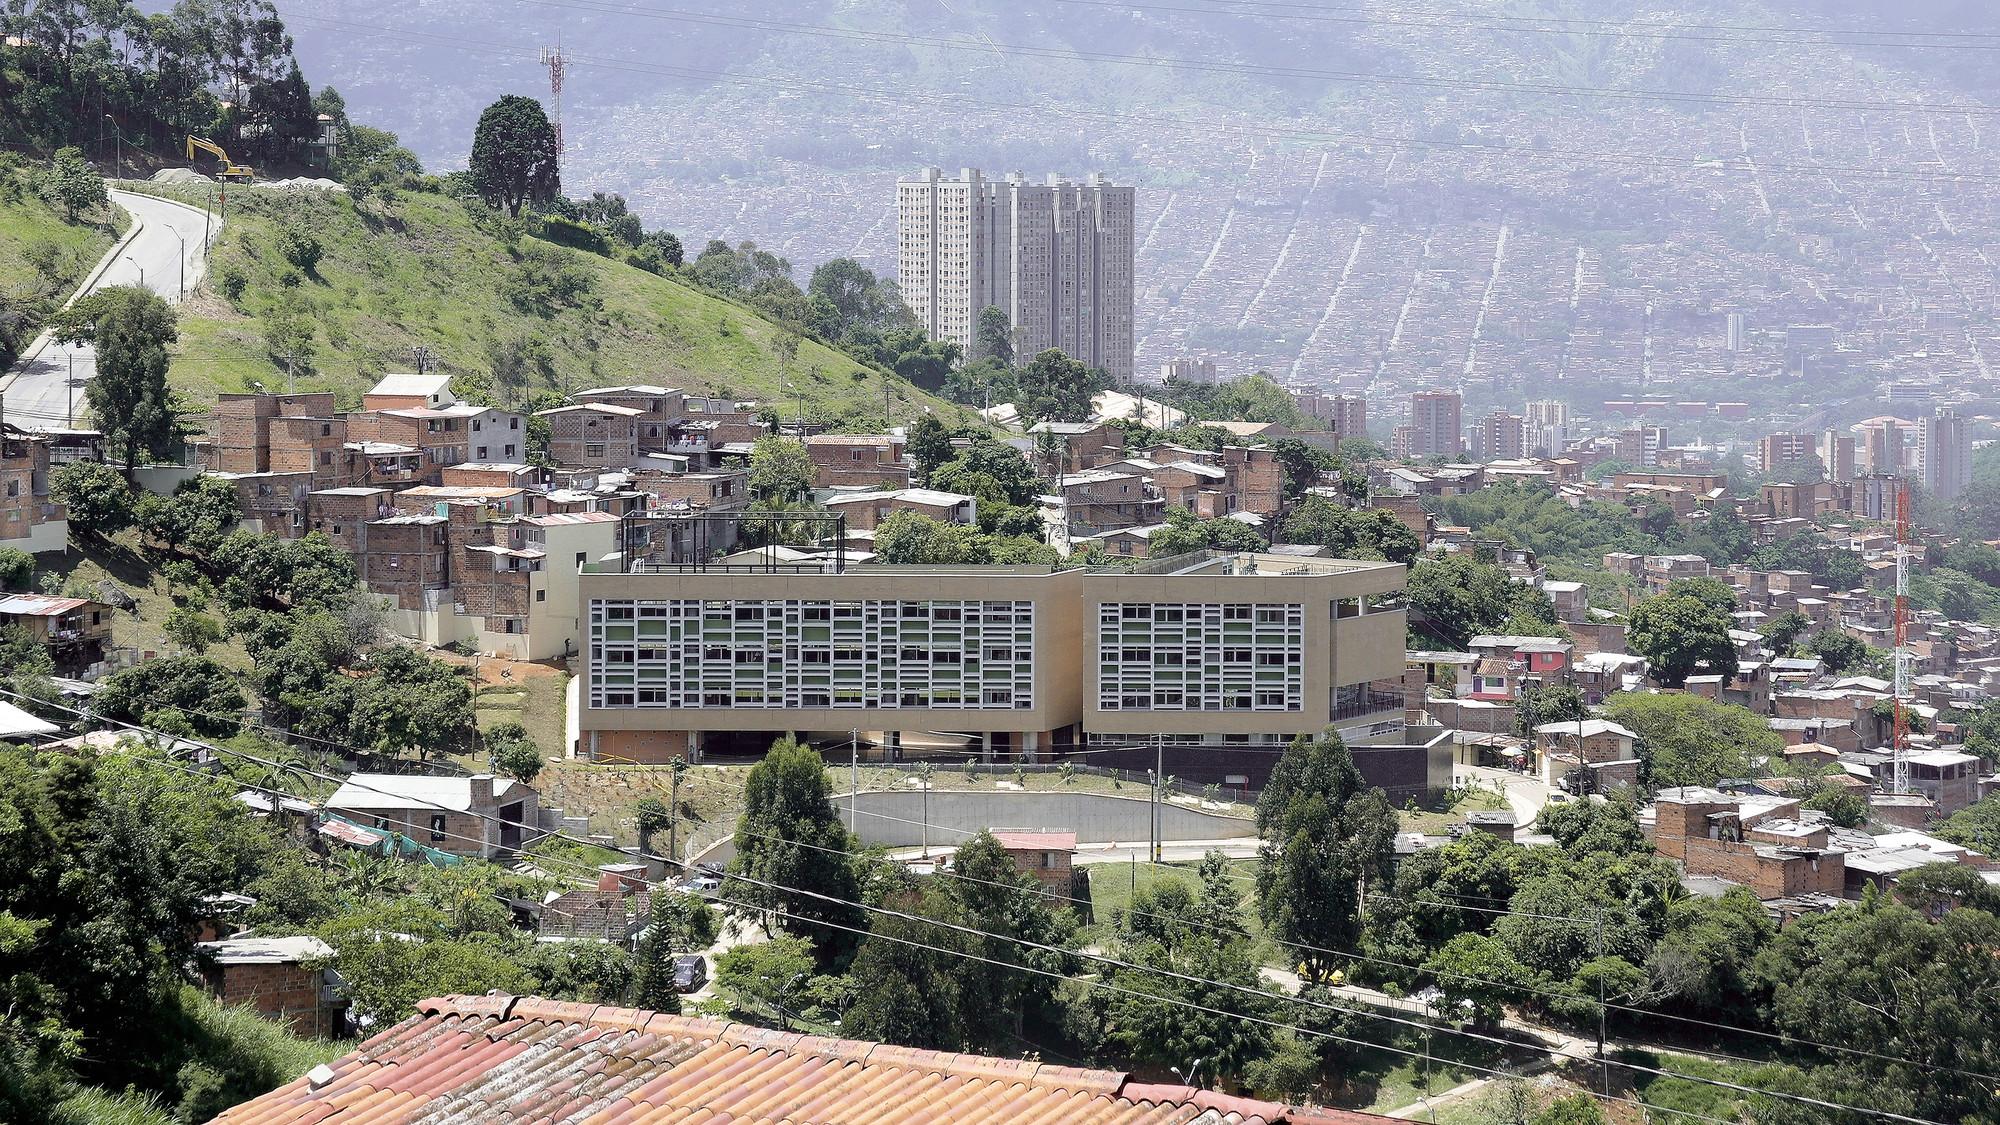 Camilo Mora Carrasquilla School / FP Oficina de Arquitectura, Courtesy of FP Oficina de Arquitectura